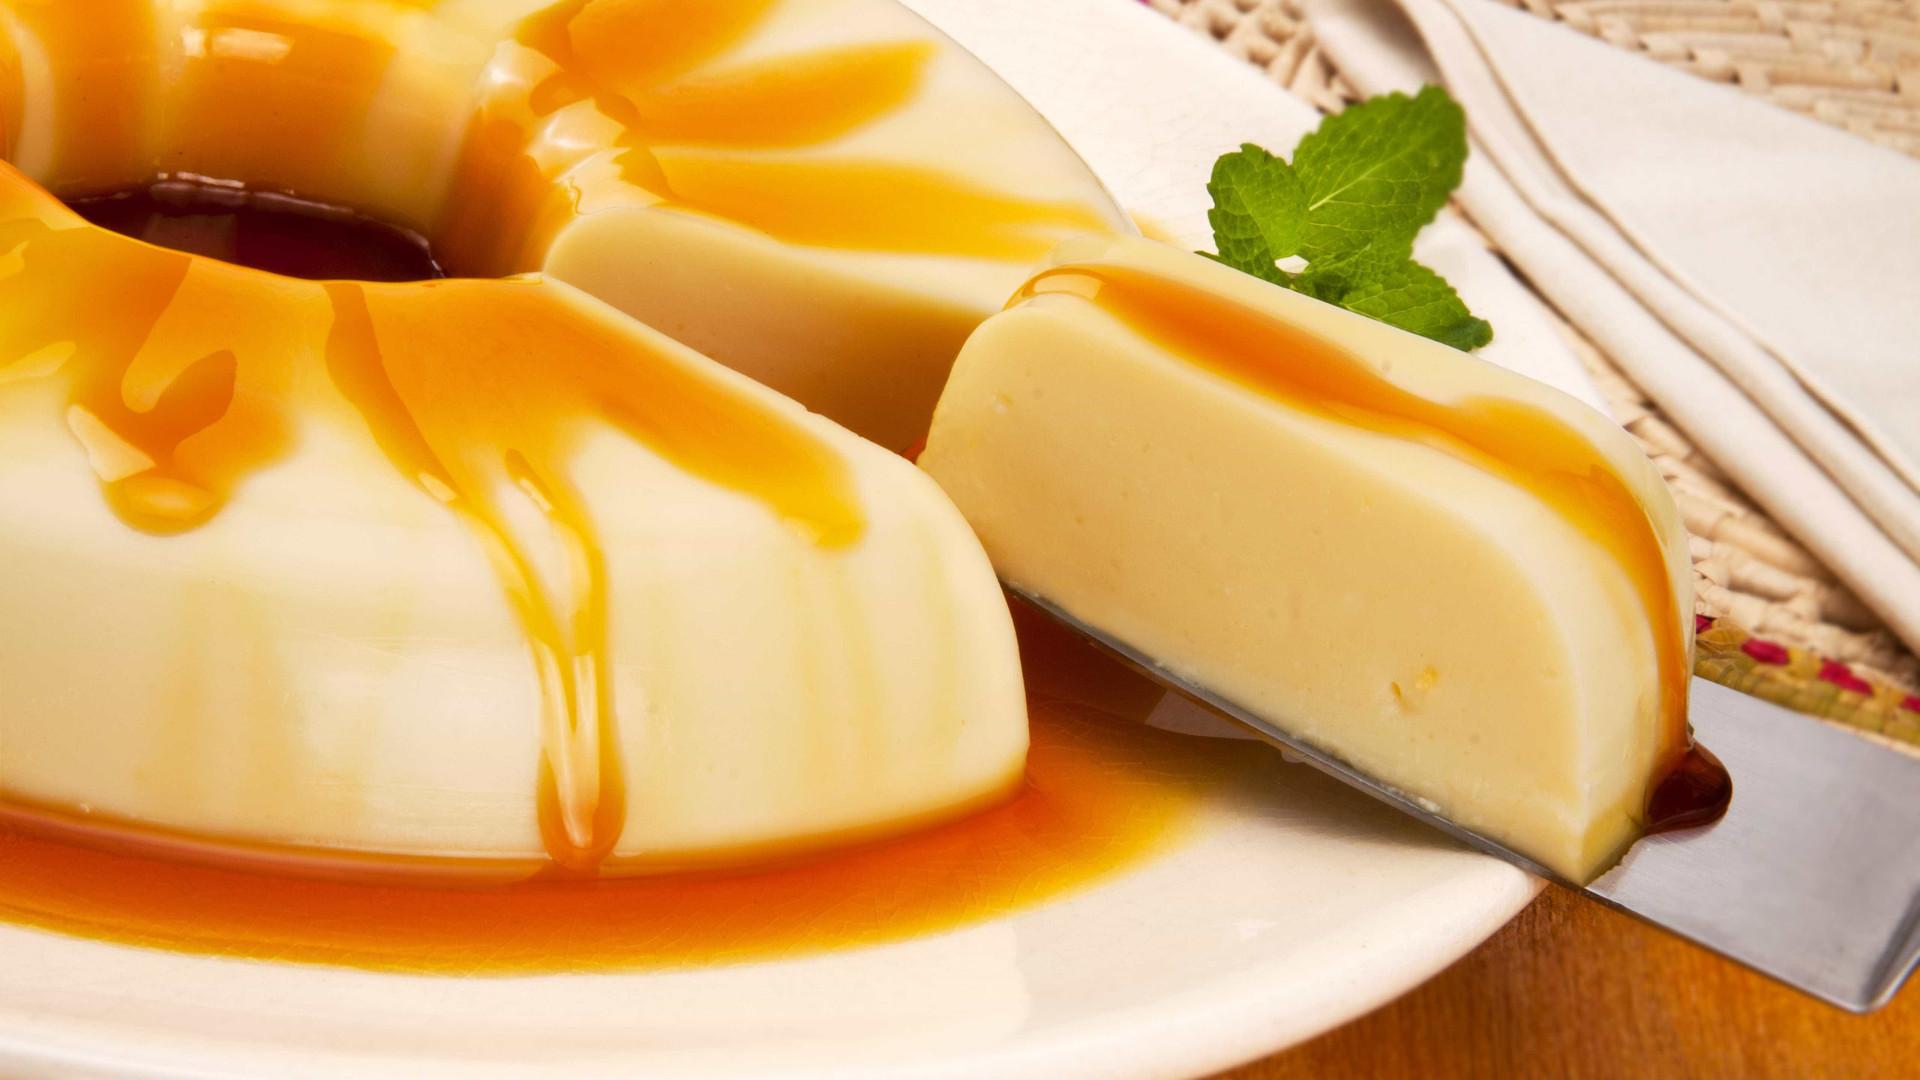 Pudim de ricota com mel é excelente para aproveitar queijo; aprenda